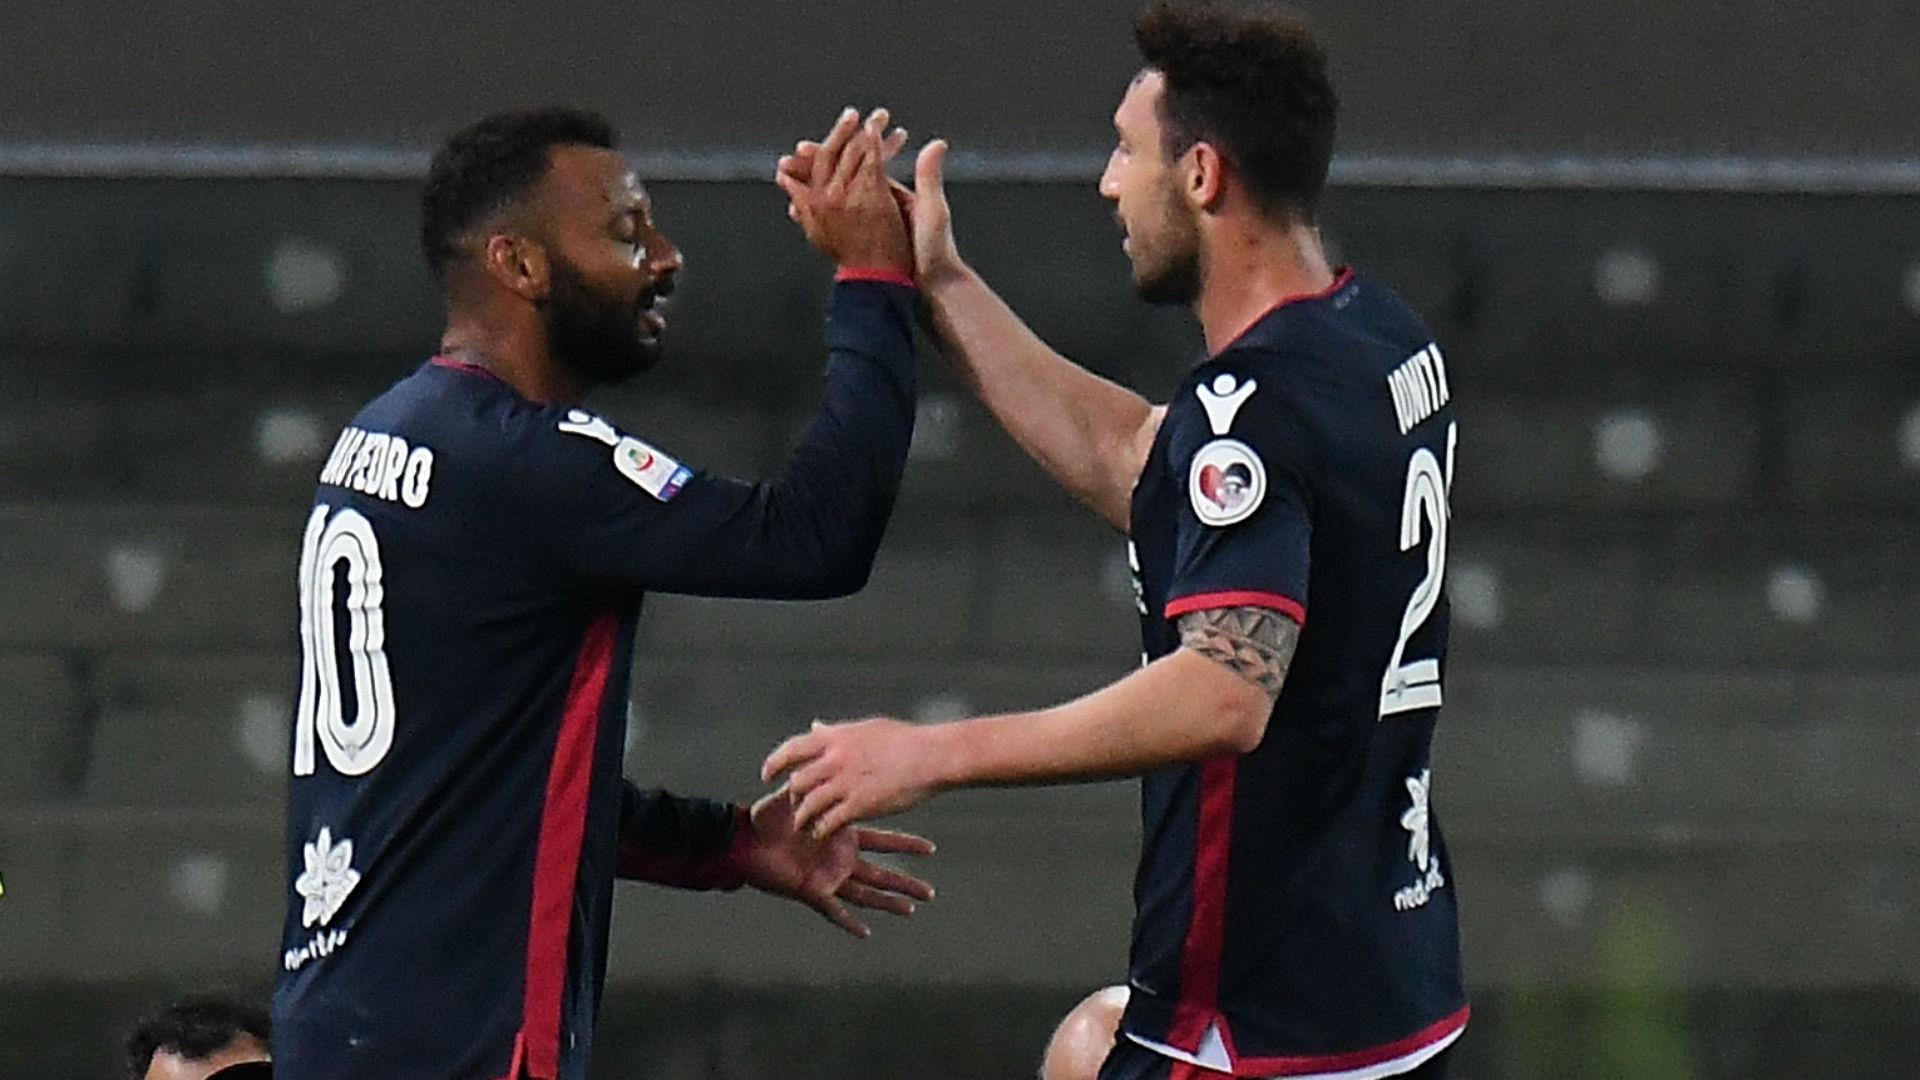 Cagliari-Lecce, le formazioni ufficiali: Ionita dal primo minuto